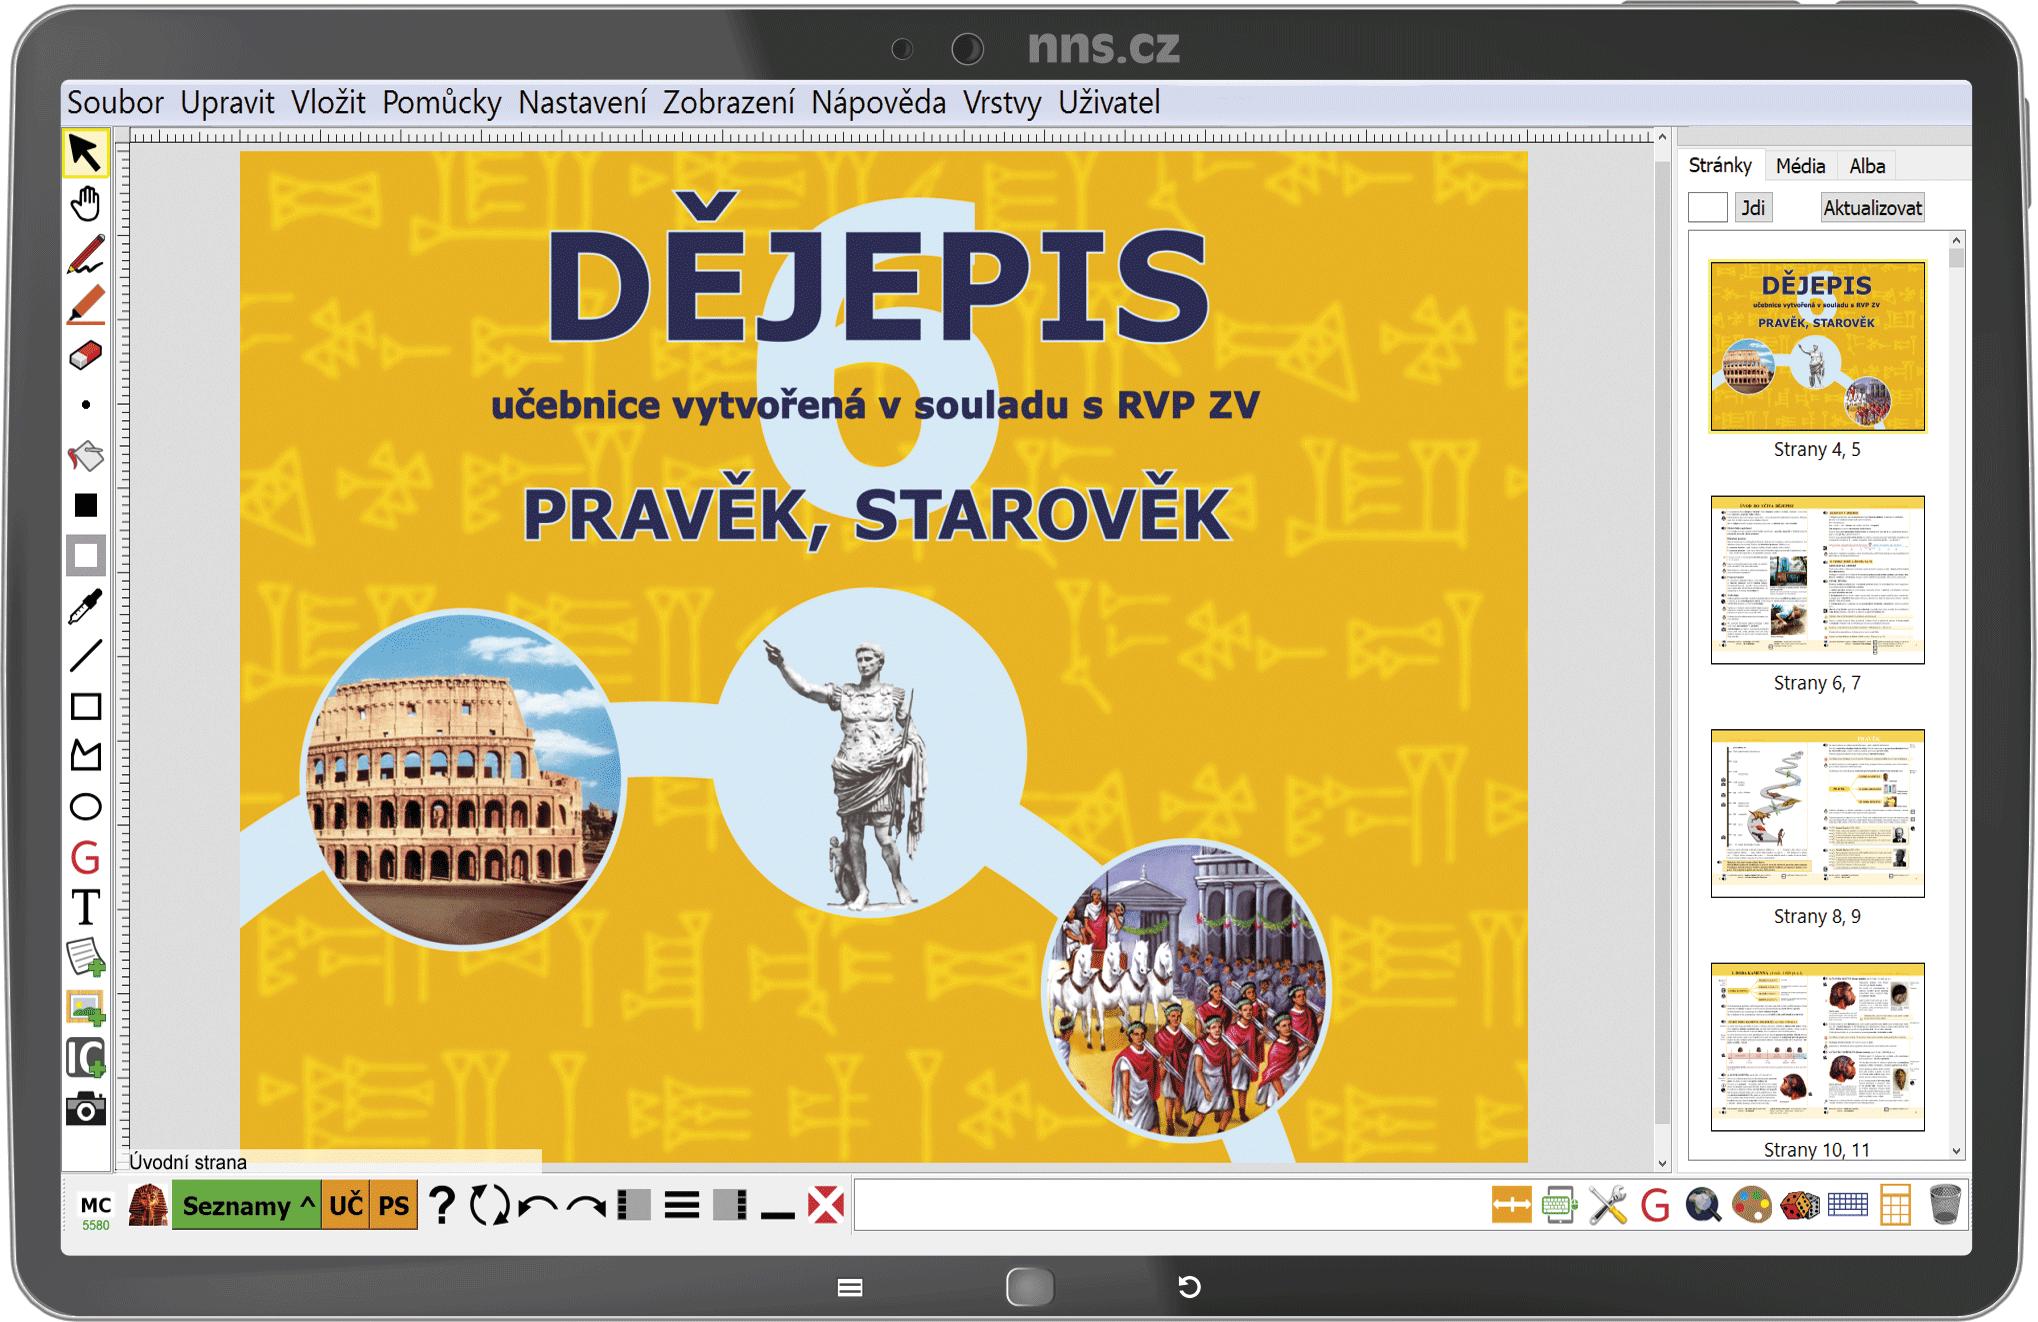 MIUč+ Dějepis 6 - Pravěk a starověk - žák. licence na 1 šk. rok